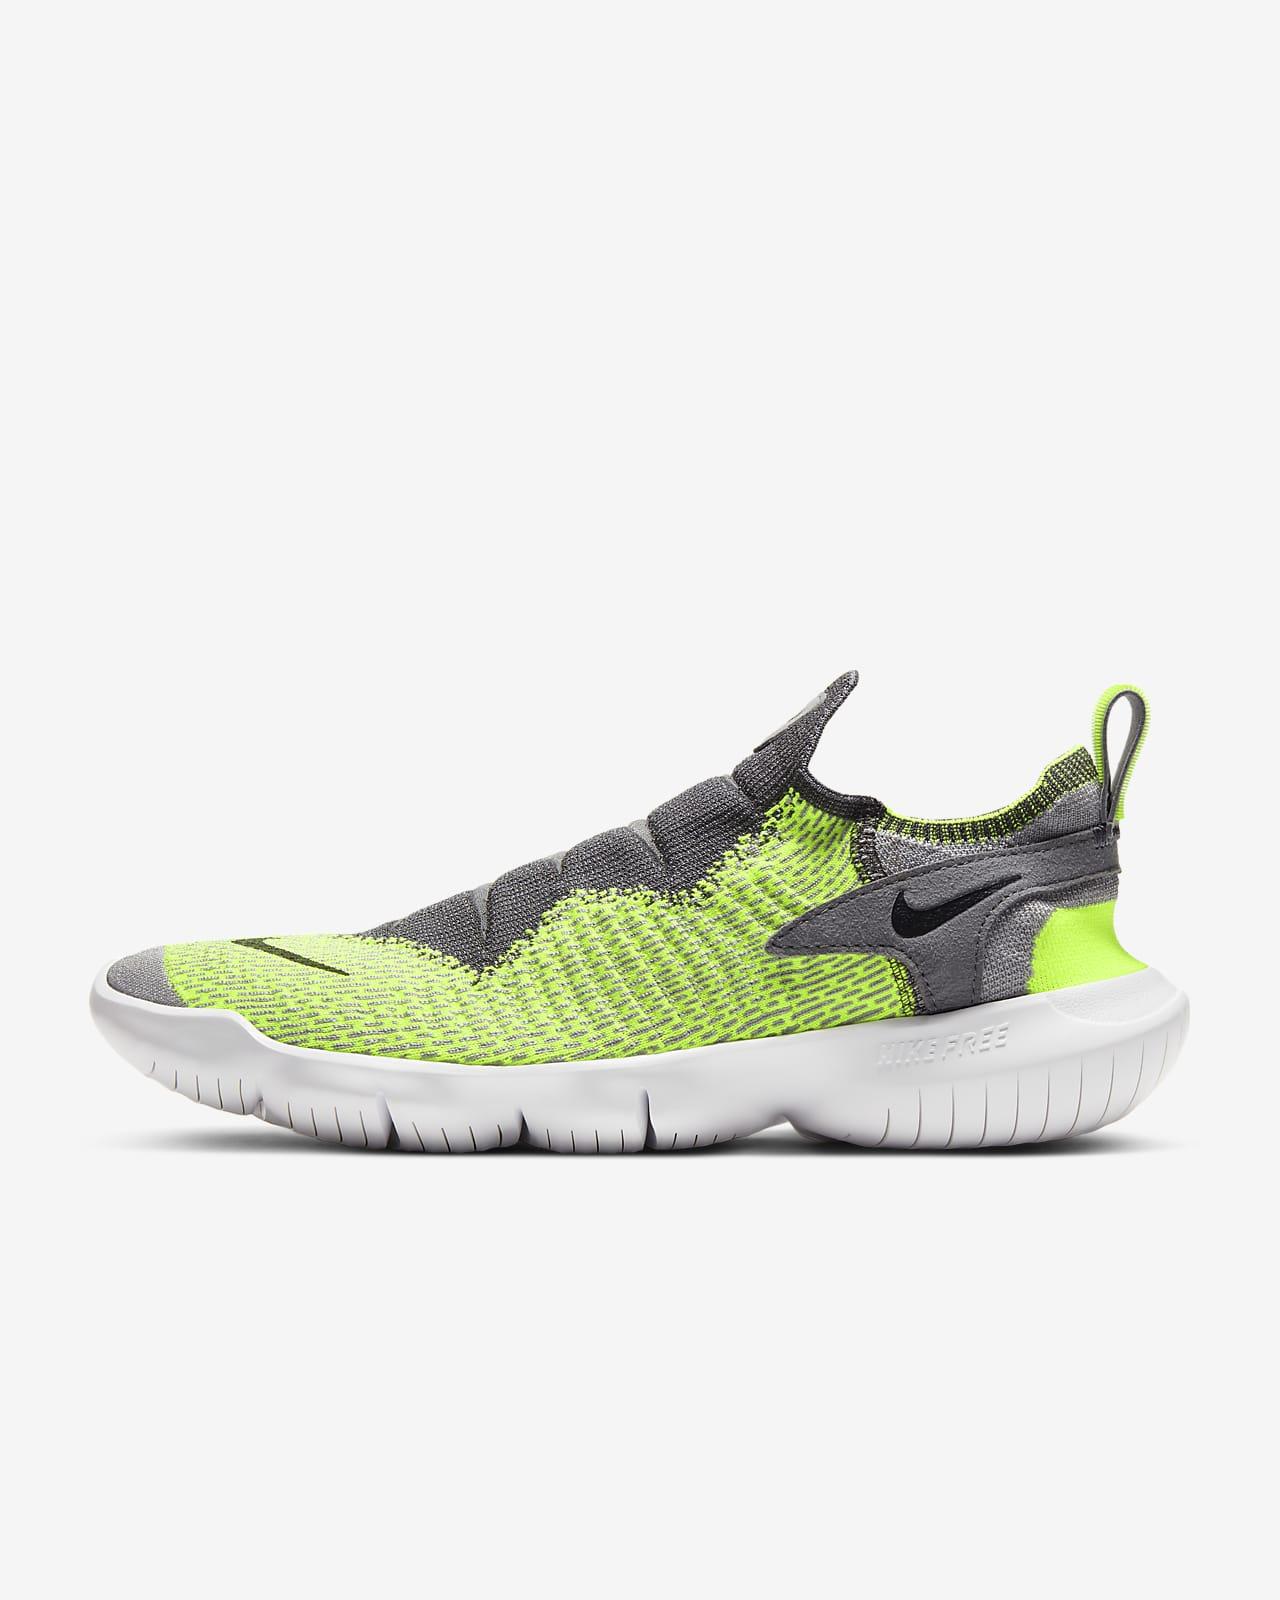 รองเท้าวิ่งผู้ชาย Nike Free RN Flyknit 3.0 2020